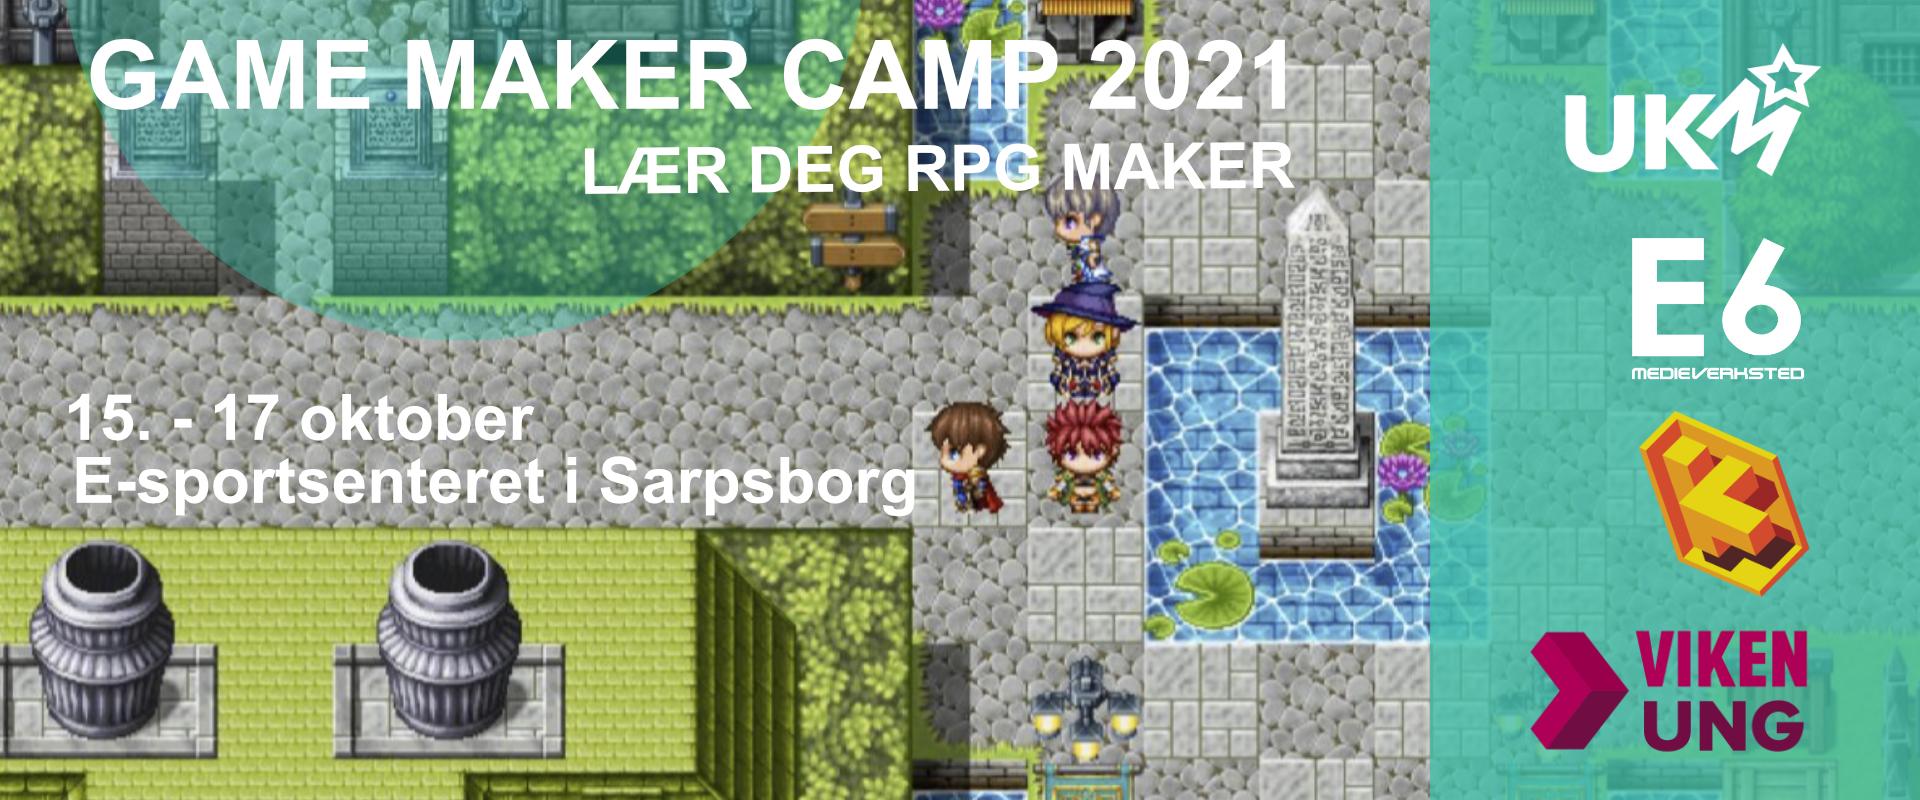 Game Maker Camp 2021